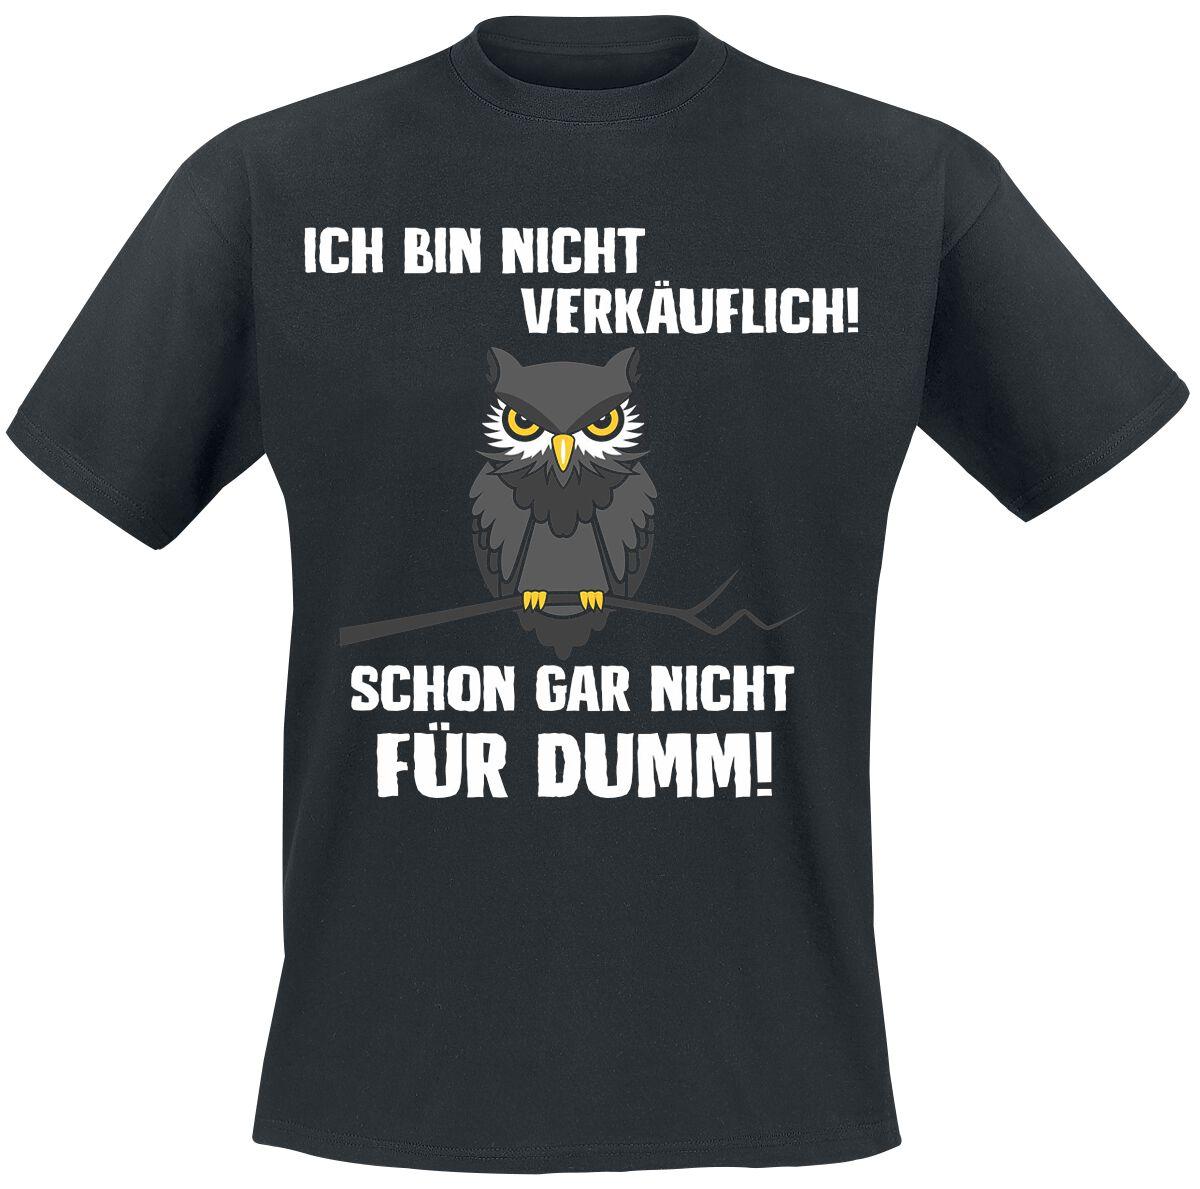 Ich bin nicht verkäuflich T-Shirt schwarz POD - Gildan Softstyle - 5412